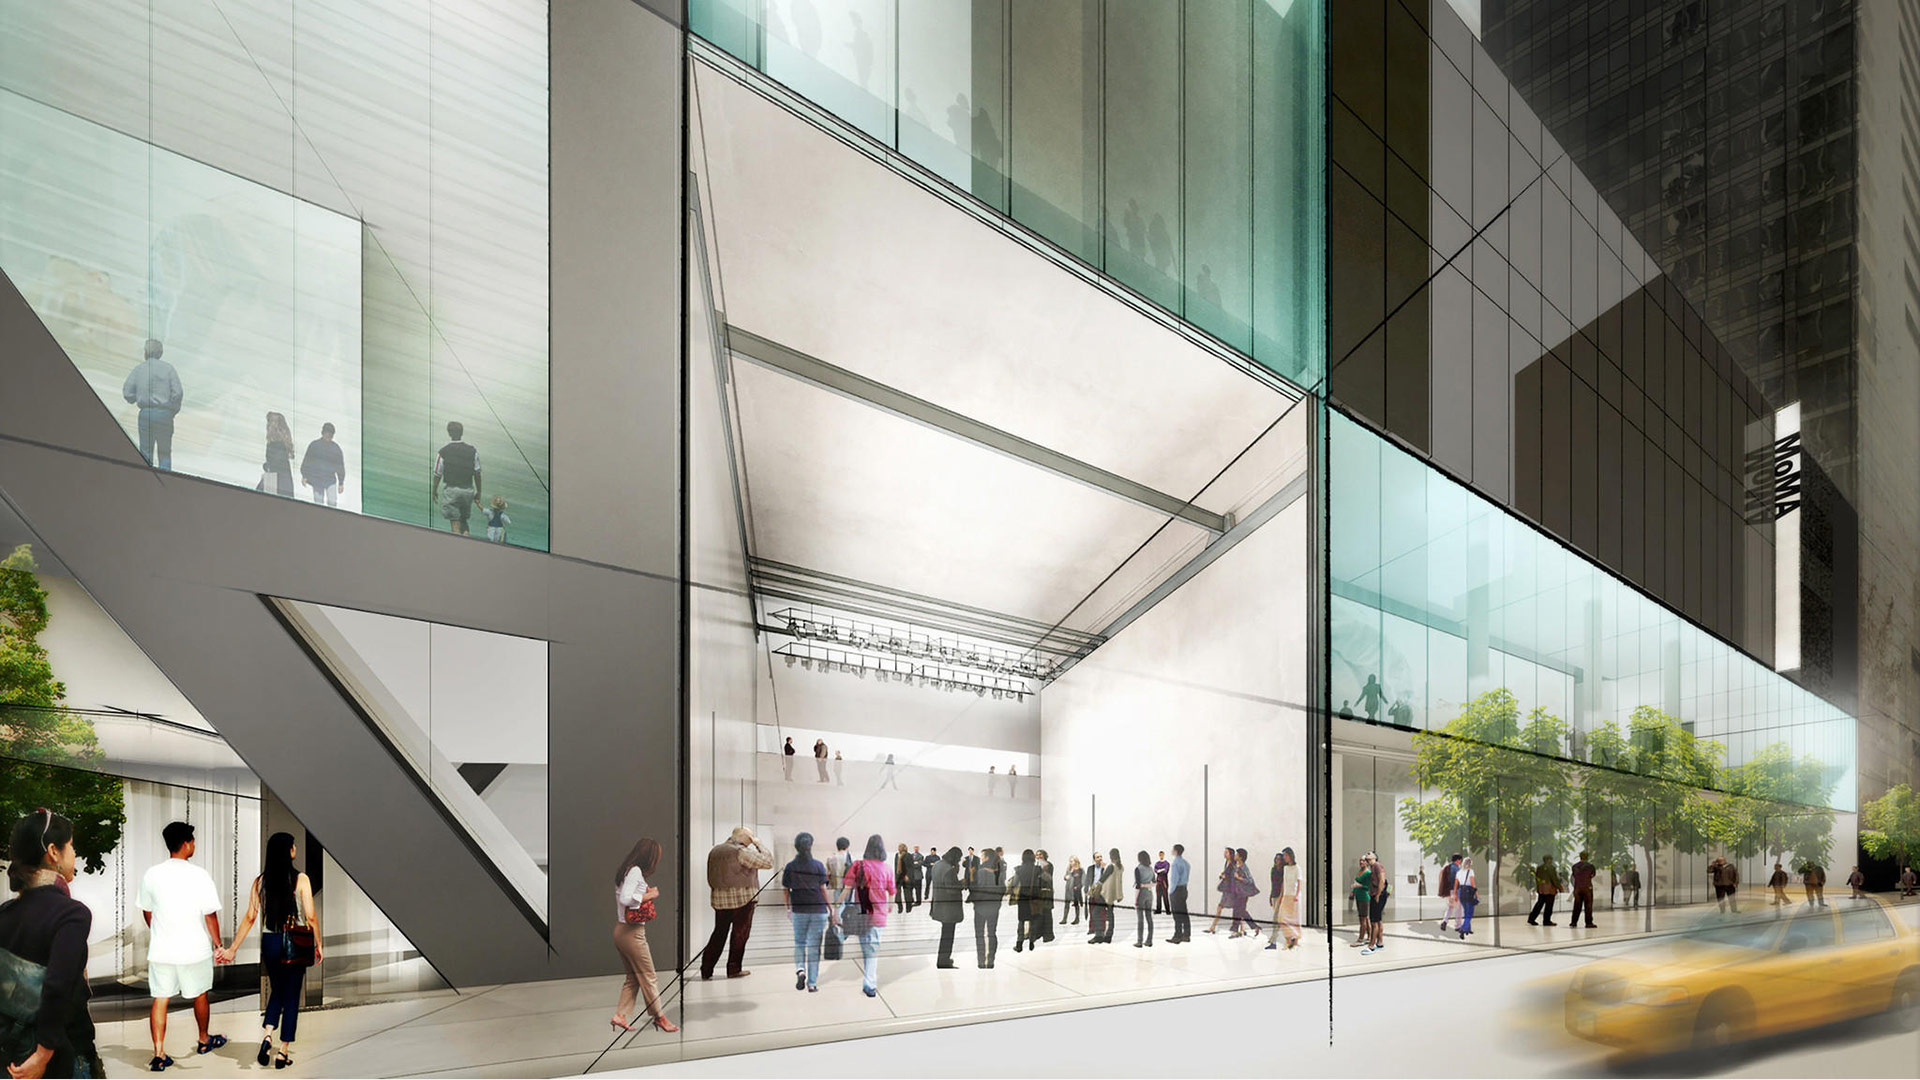 El museo MoMa cierra para su gran renovación. ¿Cuándo reabre?